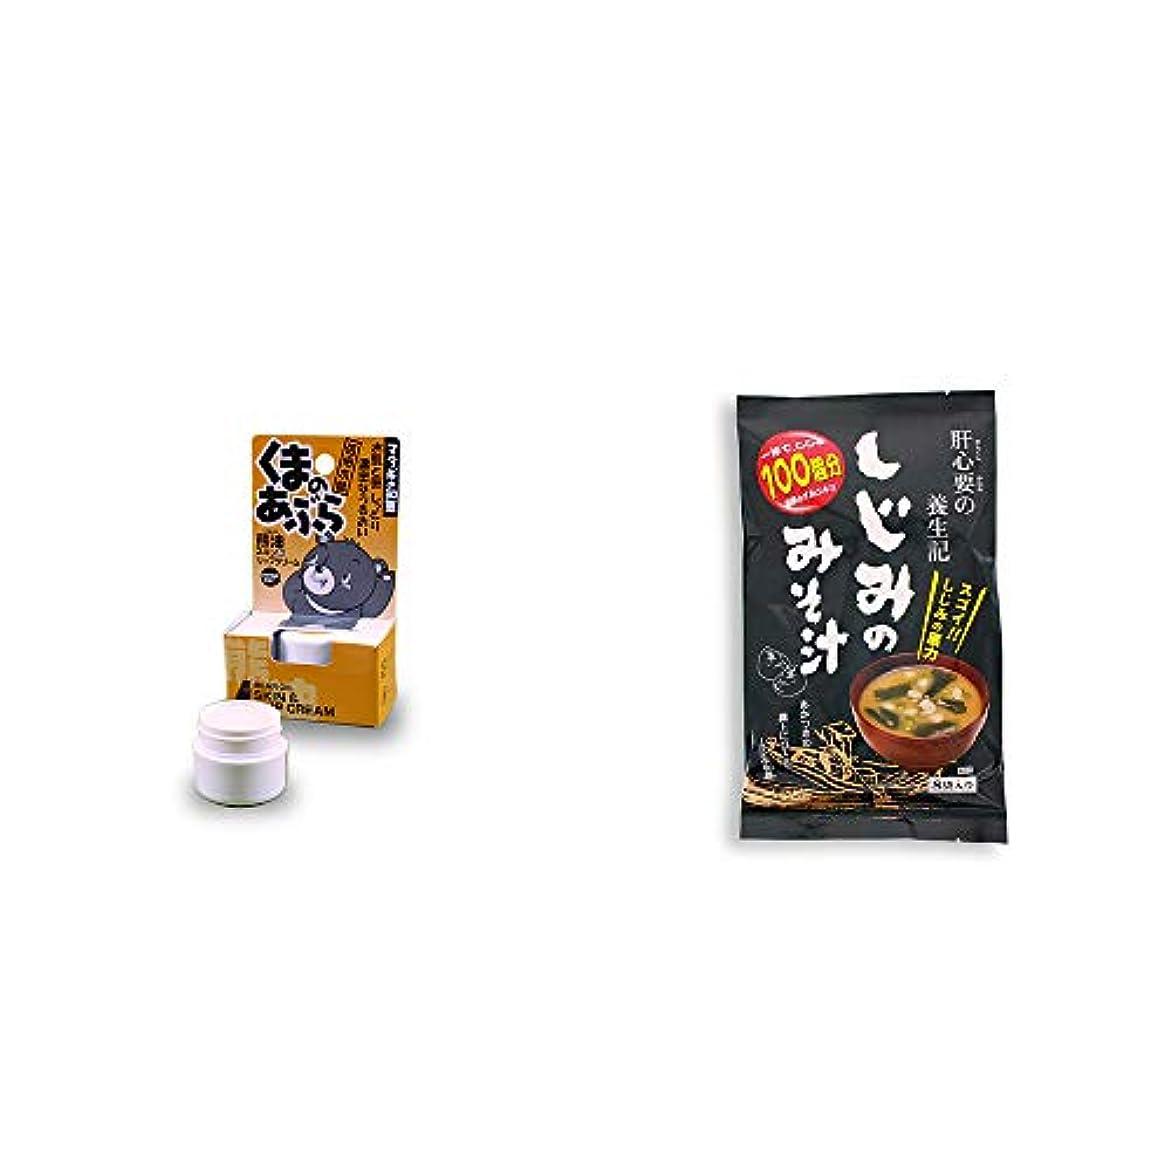 世界的に受取人適合[2点セット] 信州木曽 くまのあぶら 熊油スキン&リップクリーム(9g)?肝心要の養生記 しじみのみそ汁(56g(7g×8袋))